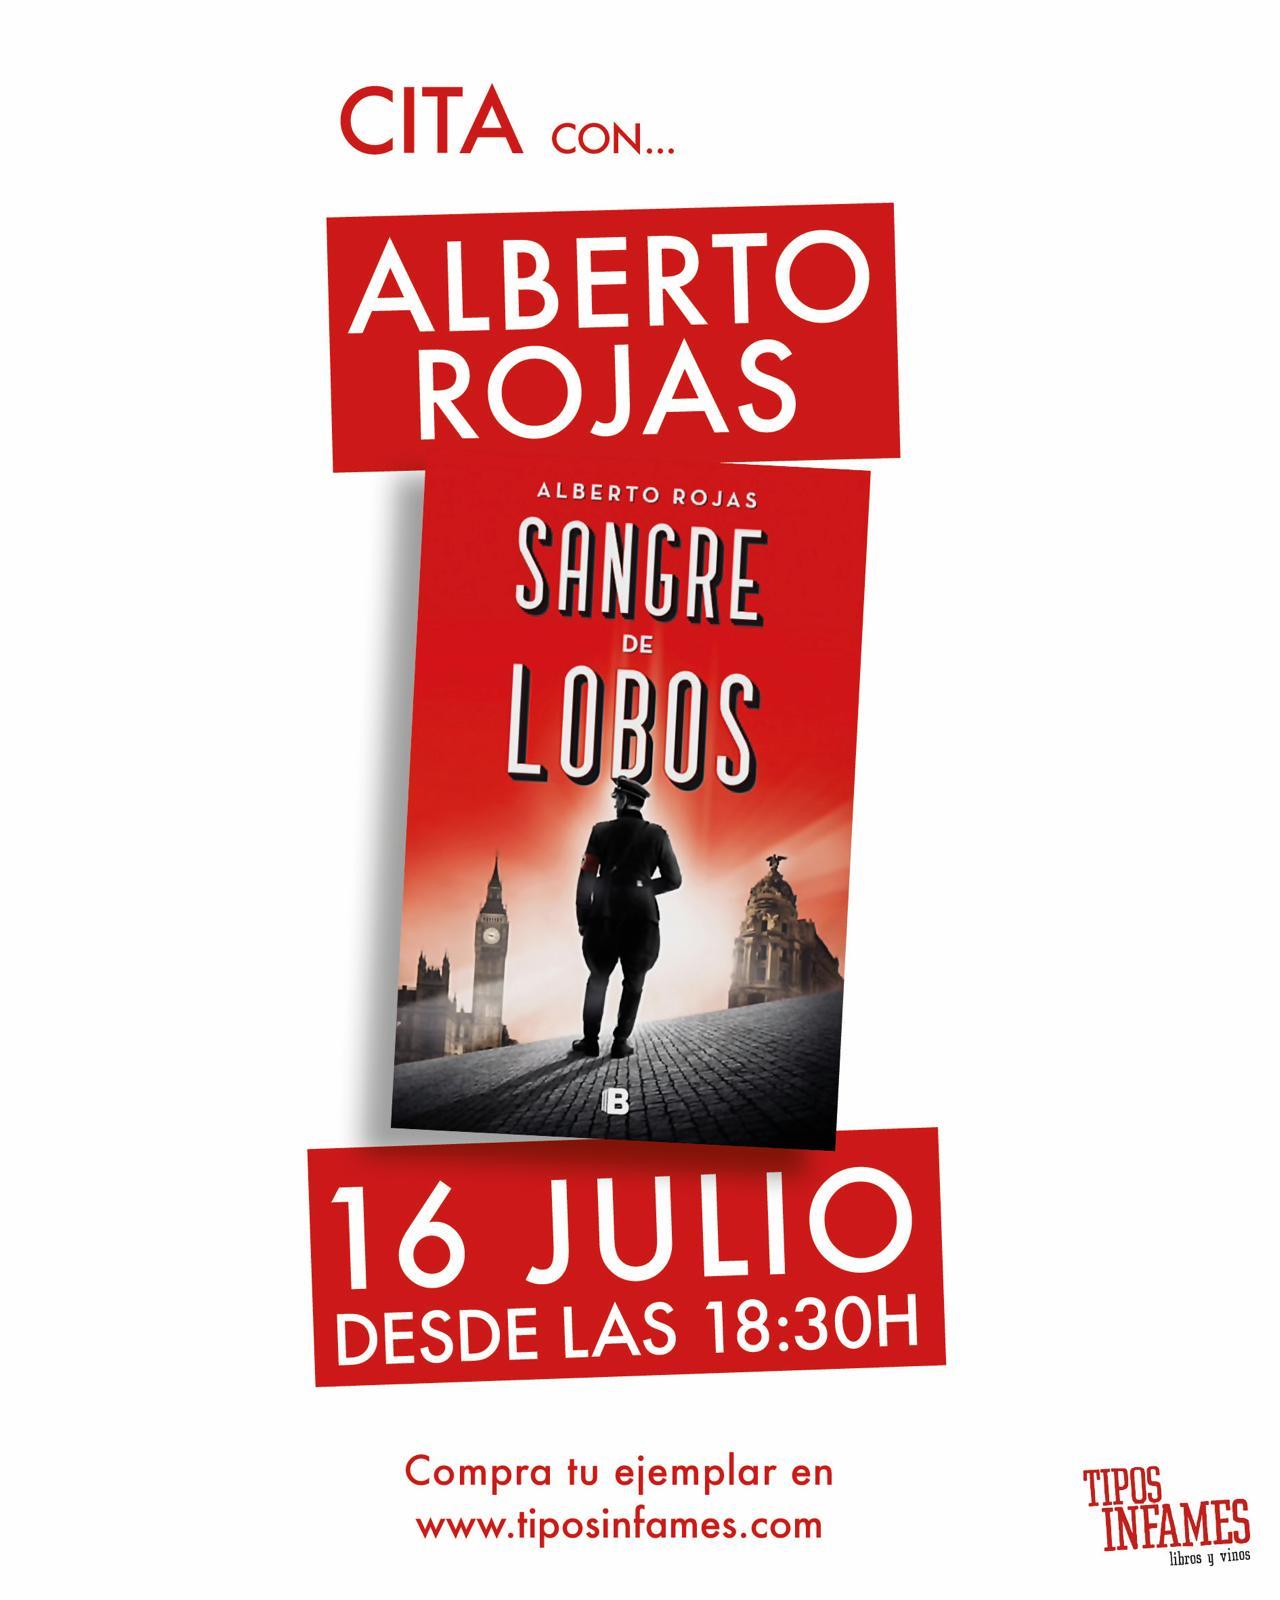 Cita con... Alberto Rojas en Tipos Infames